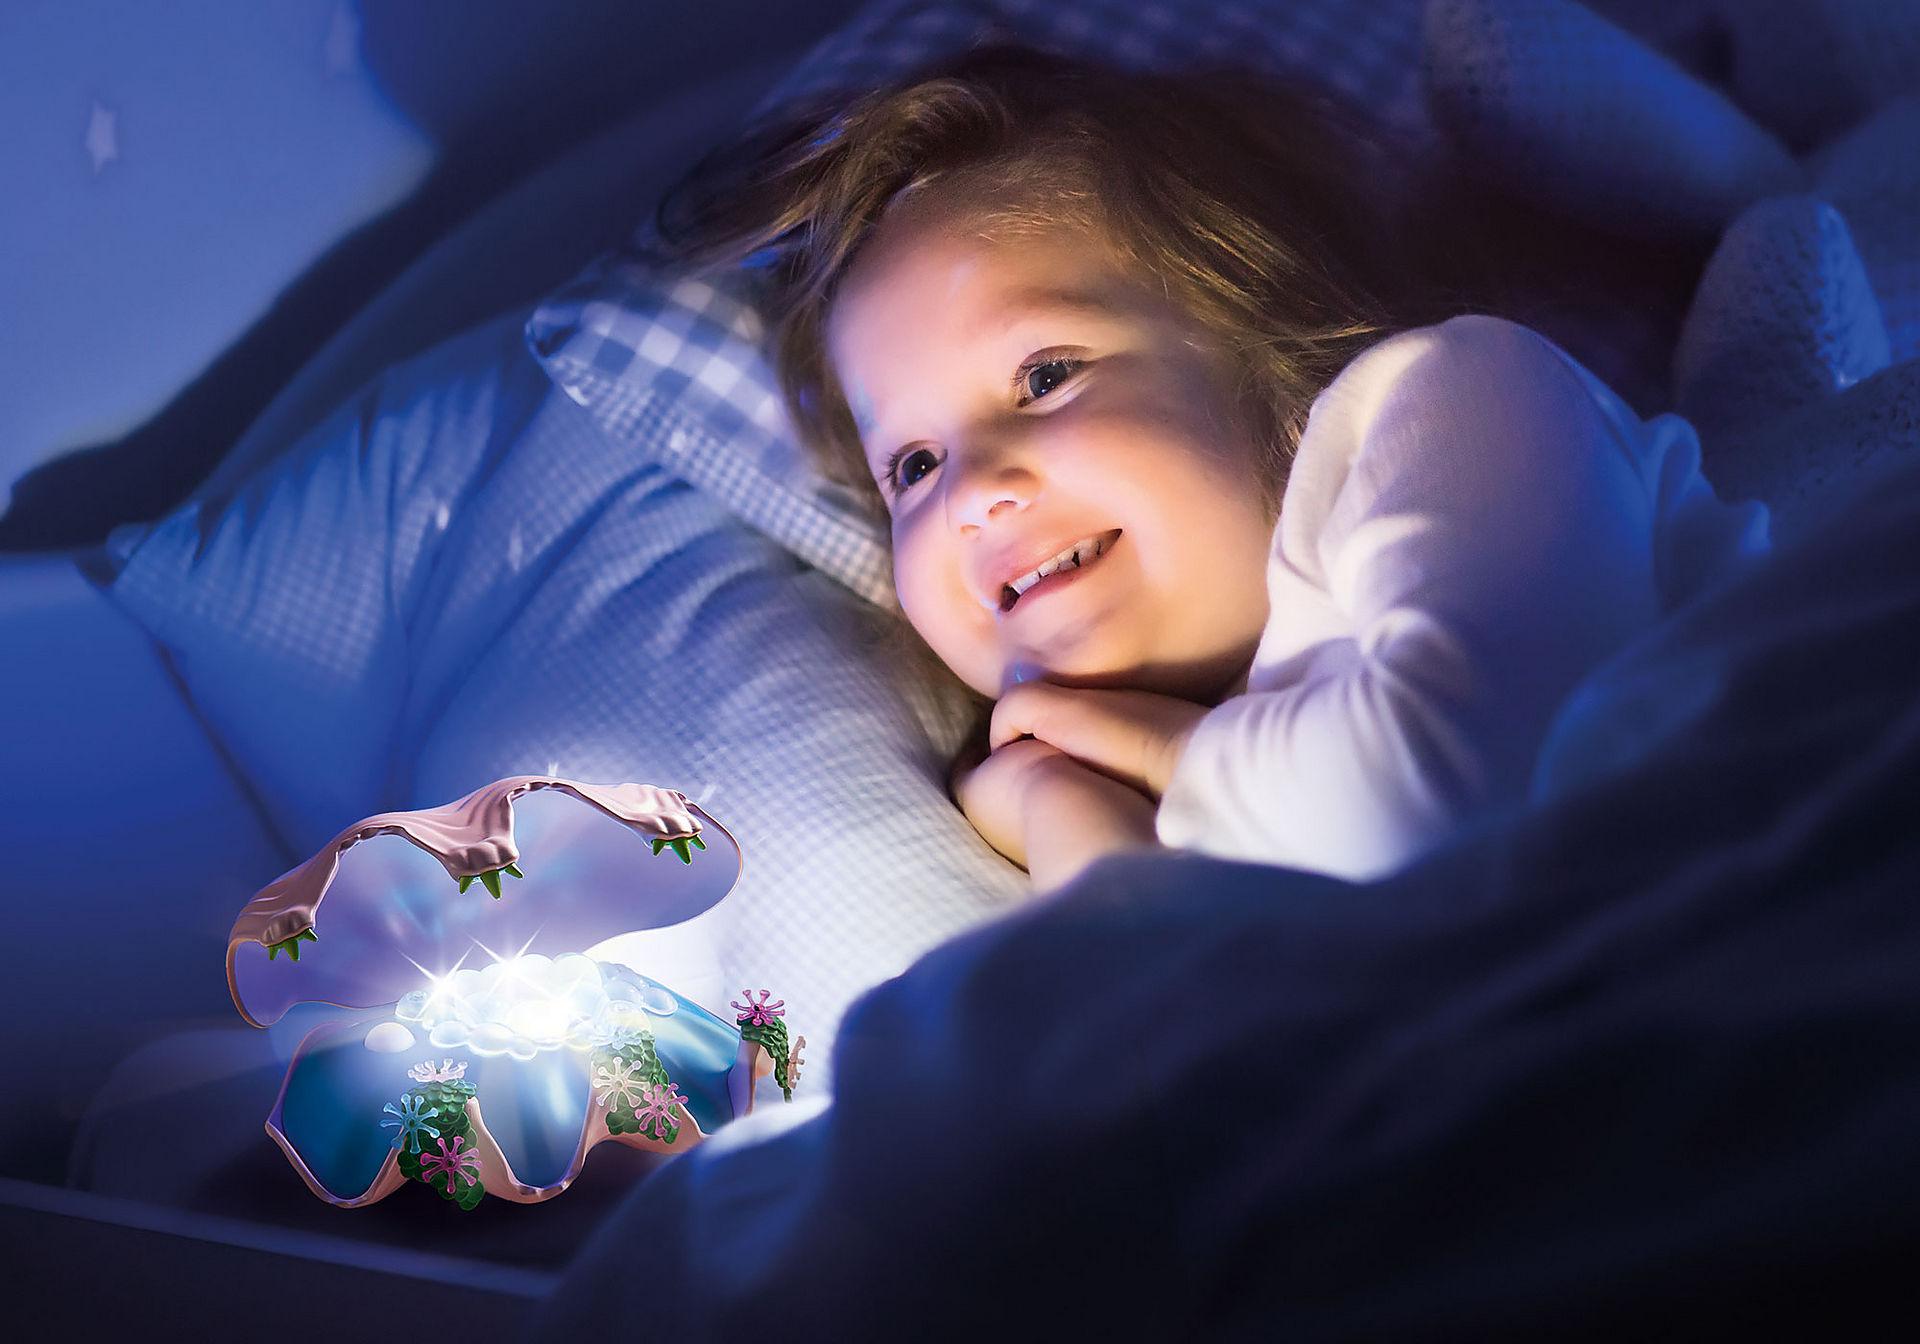 70095 Nachtlamp in schelp met meerminnen zoom image7